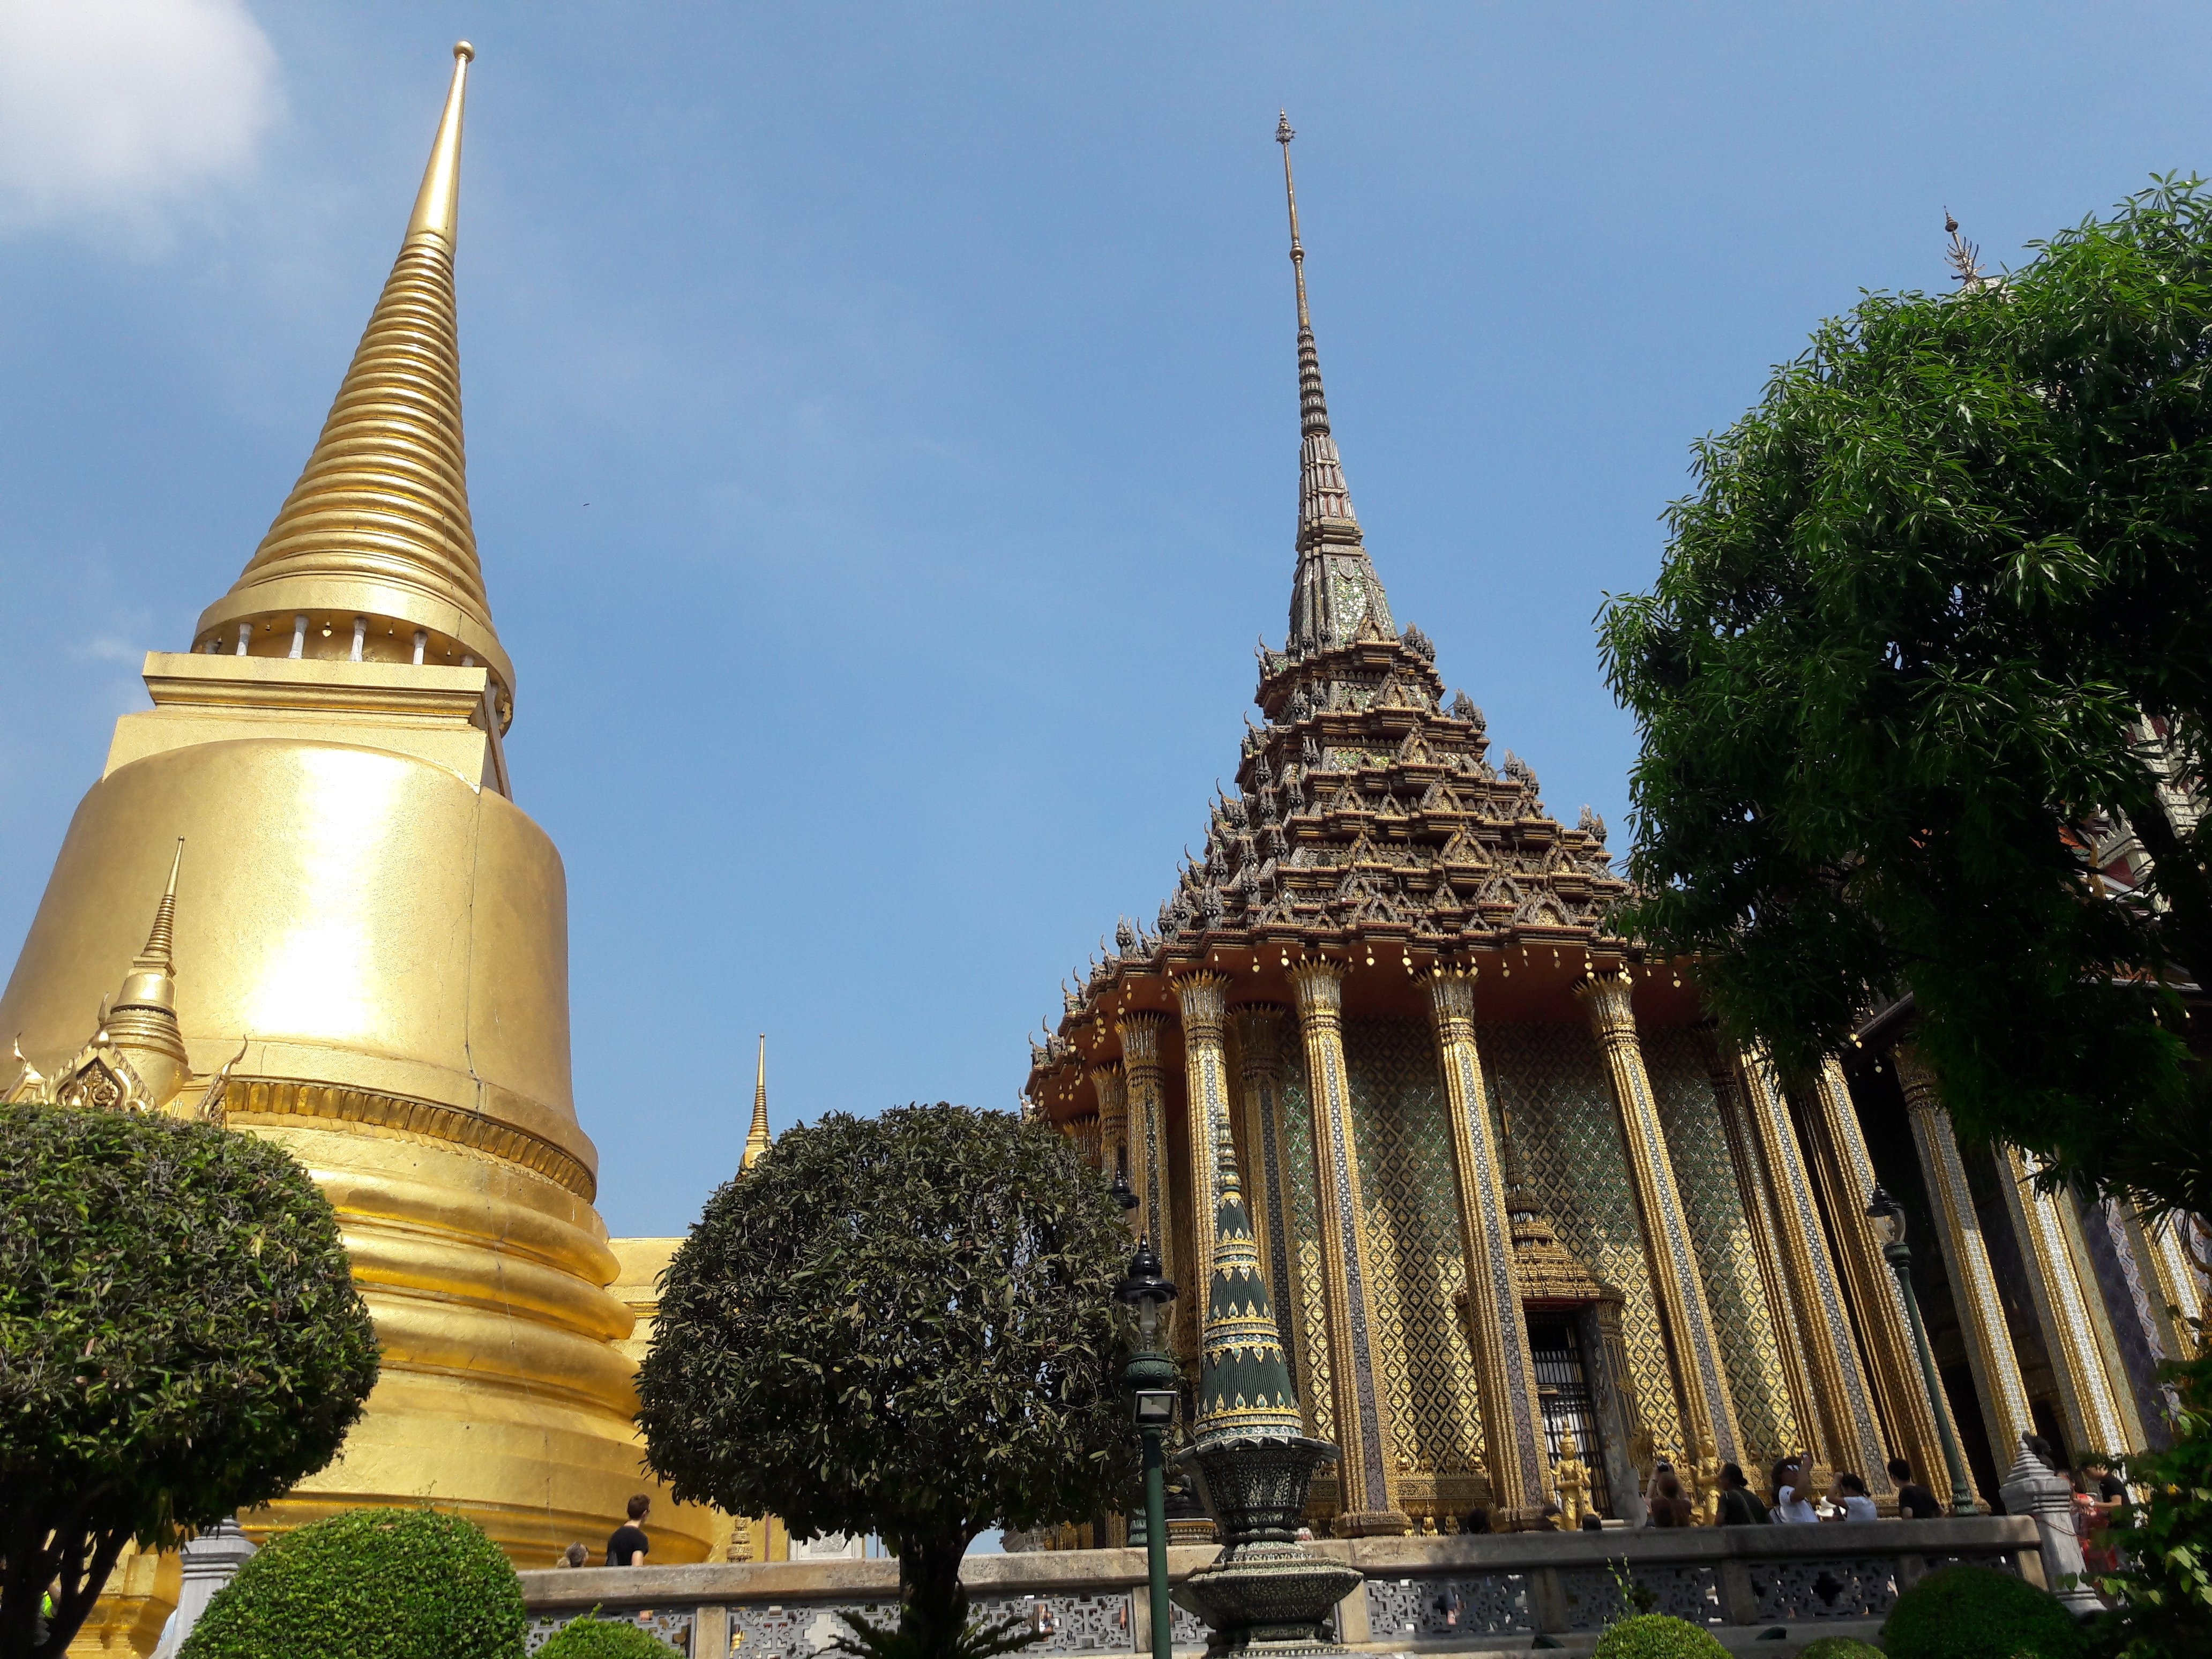 Een must do in Bangkok is een bezoek aan het Koninklijk Paleis met zijn vele kleurrijke tempels